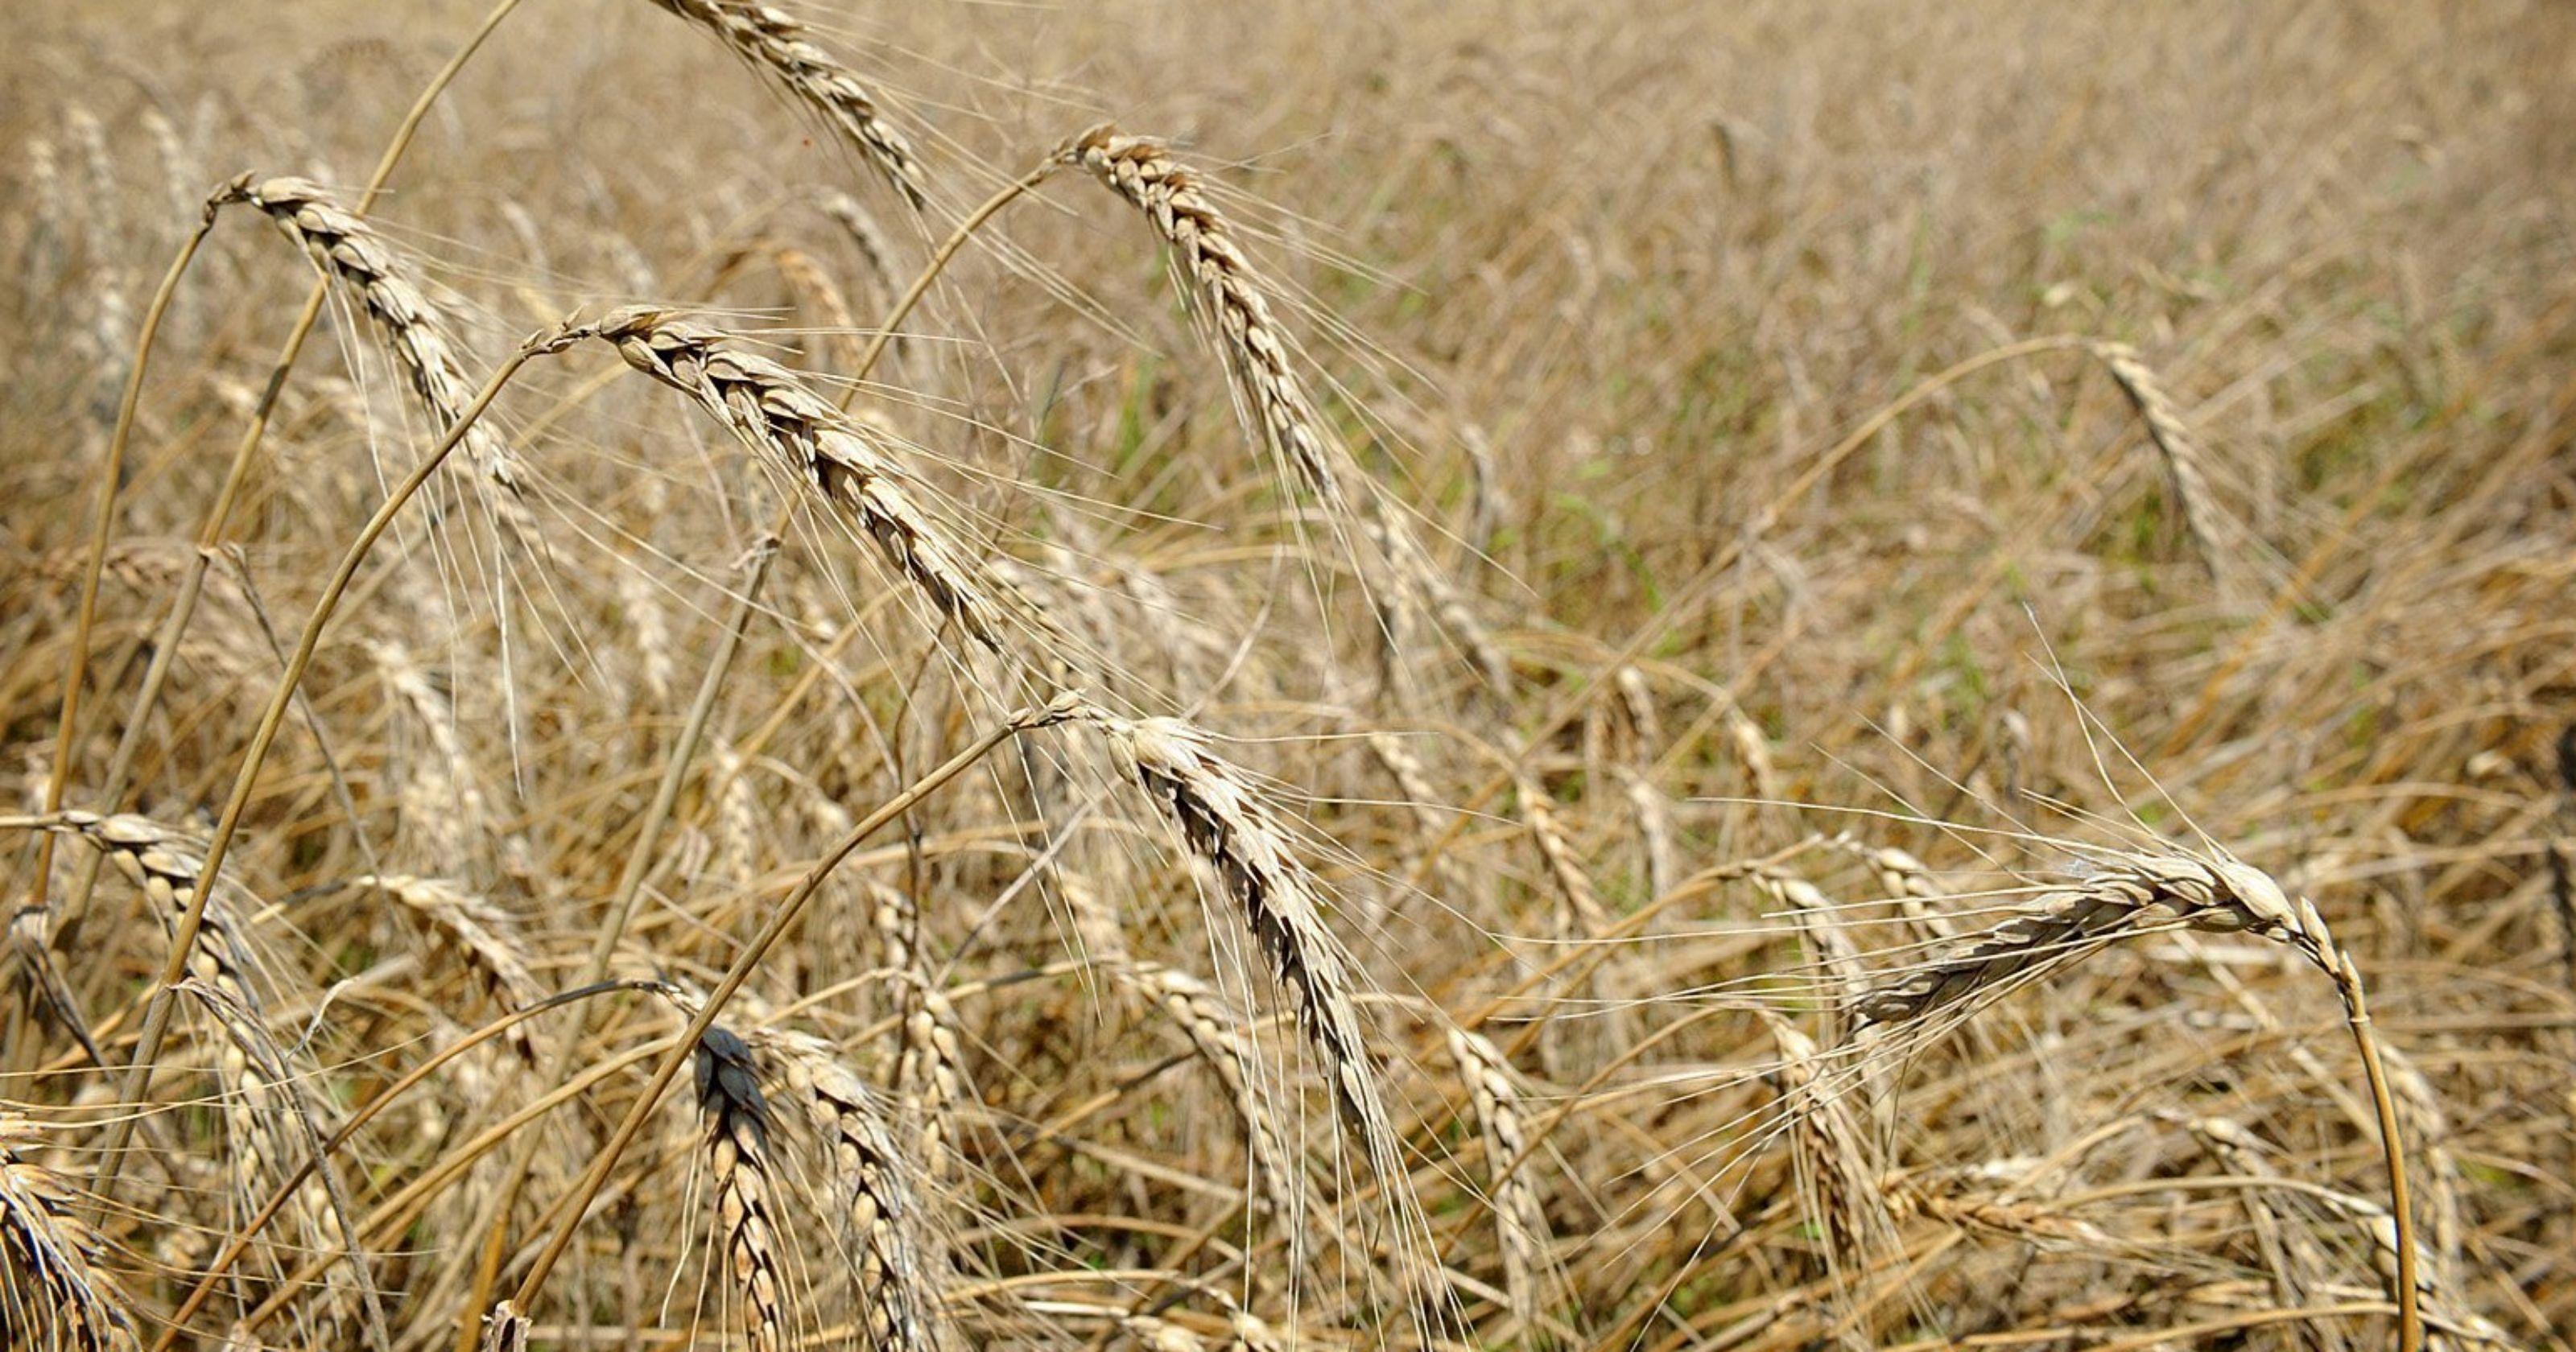 Kansas Crops Not Fairing Well